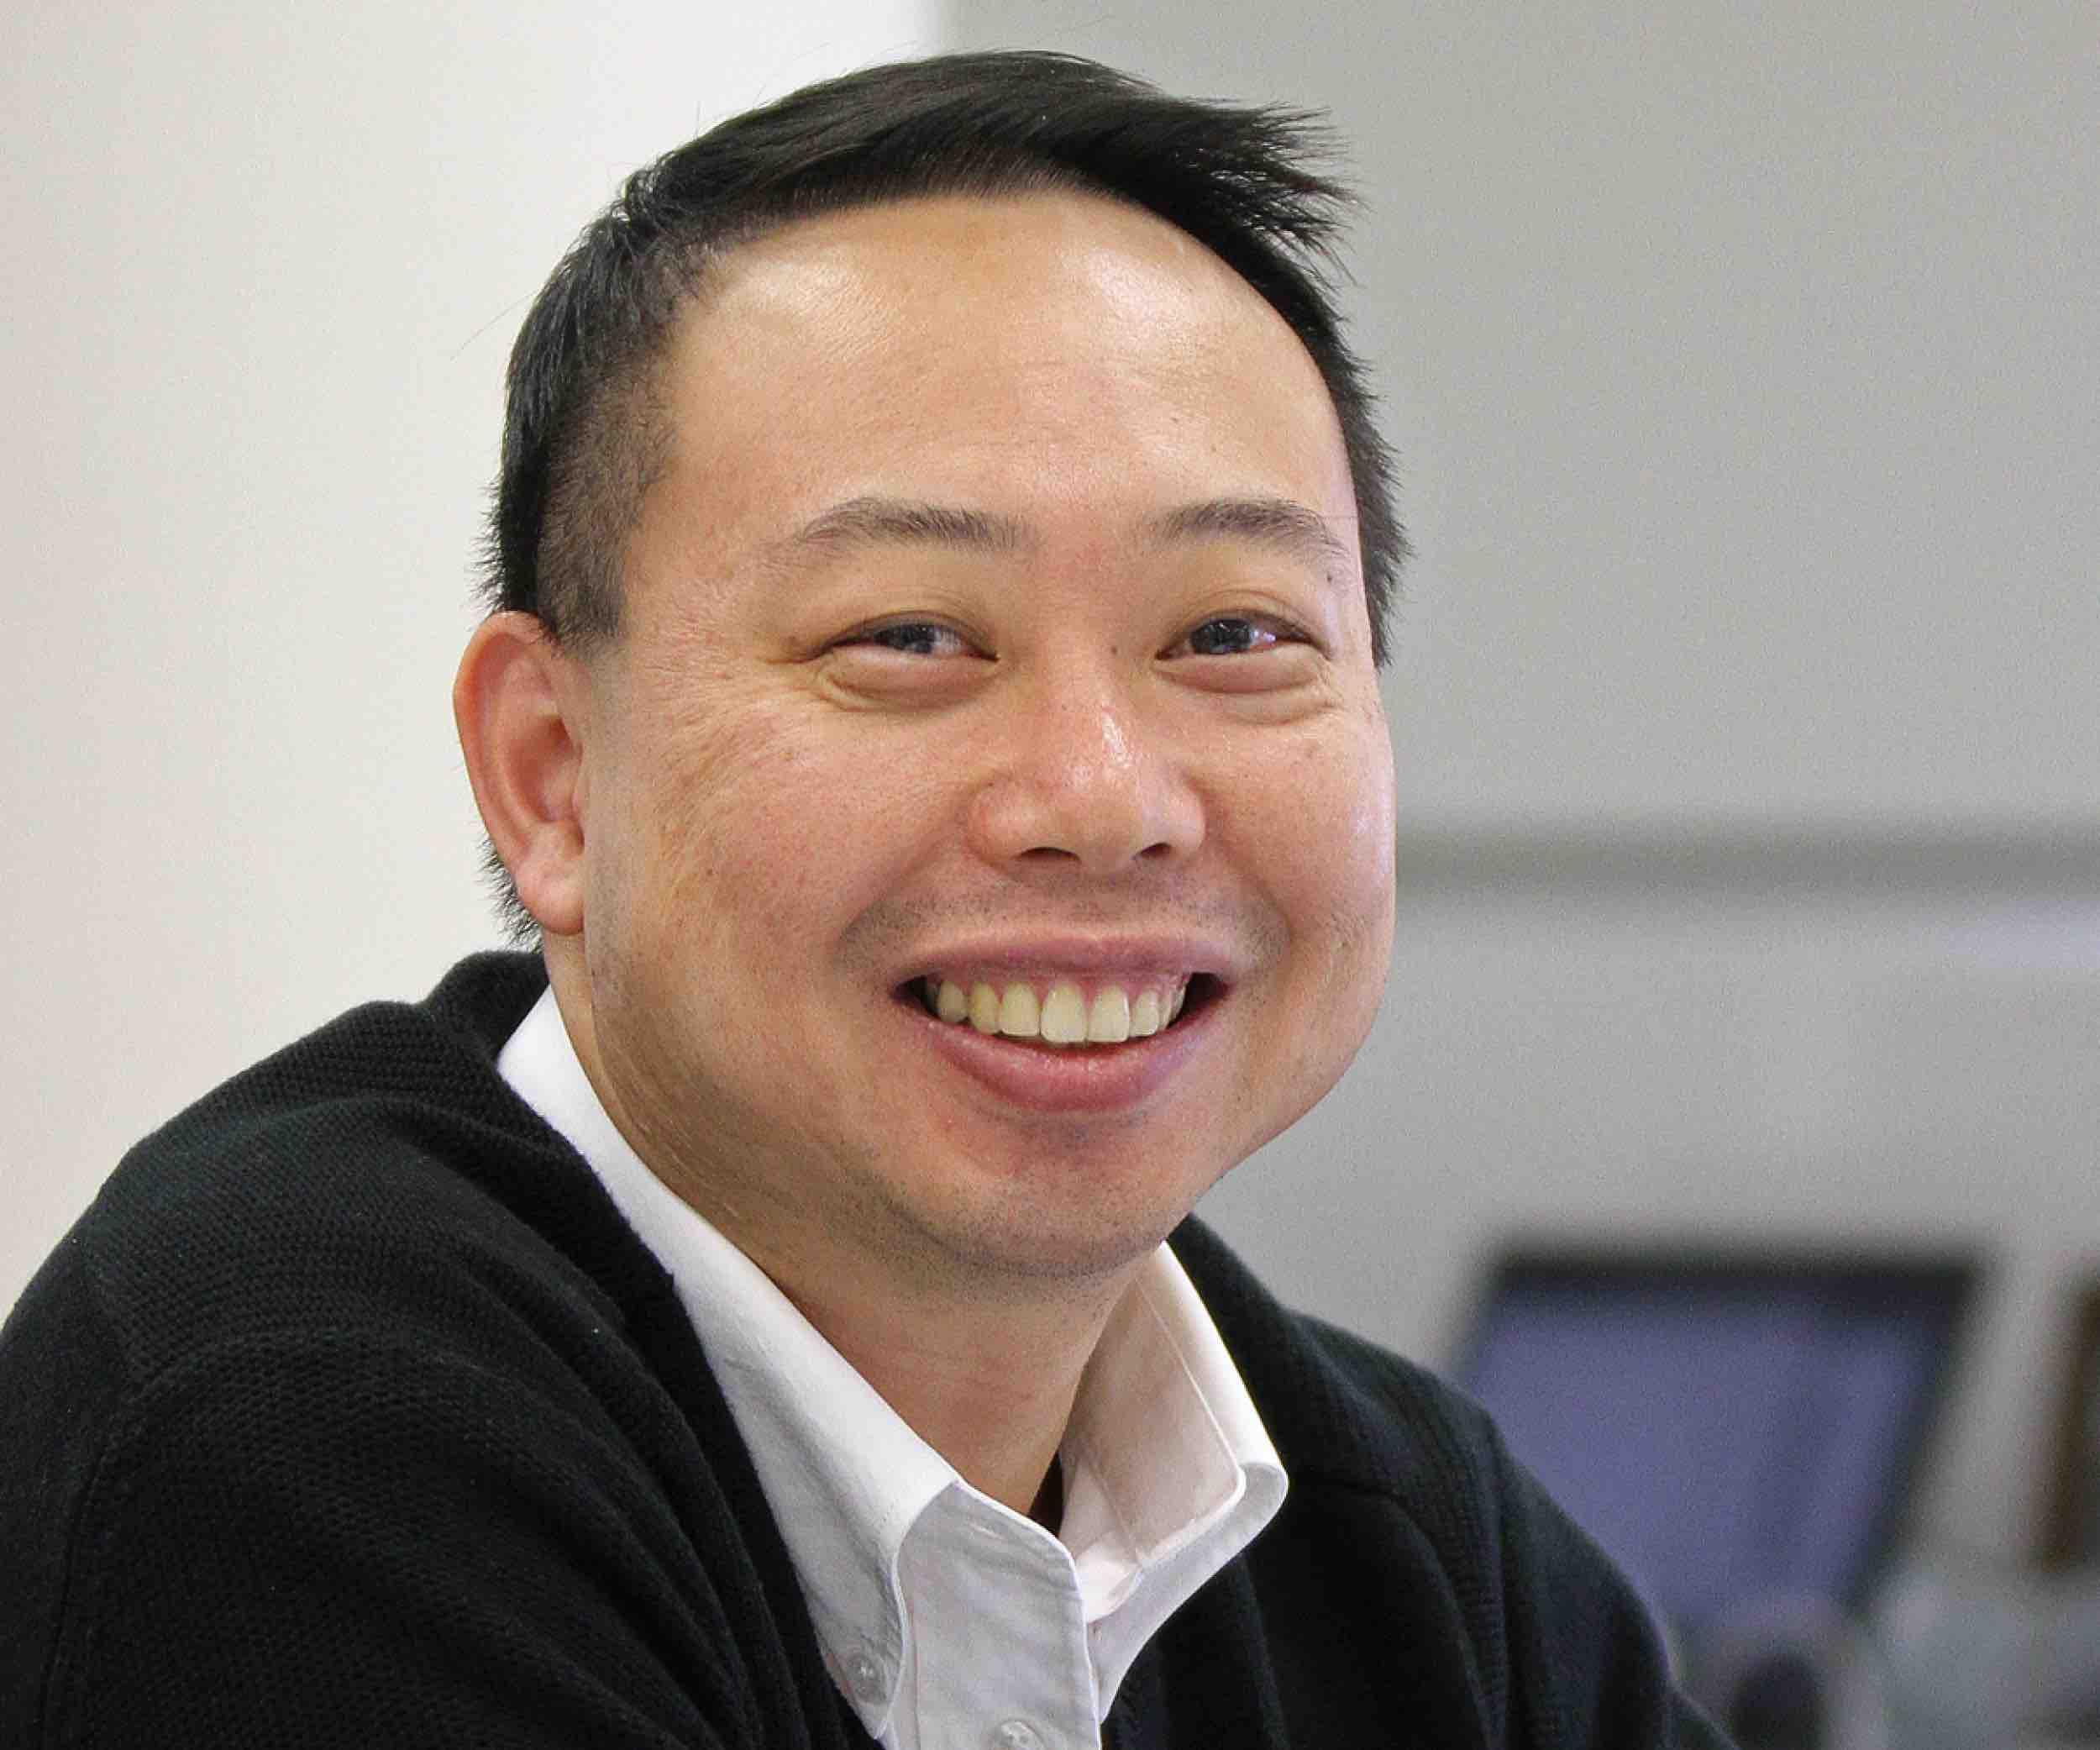 Clement Fong